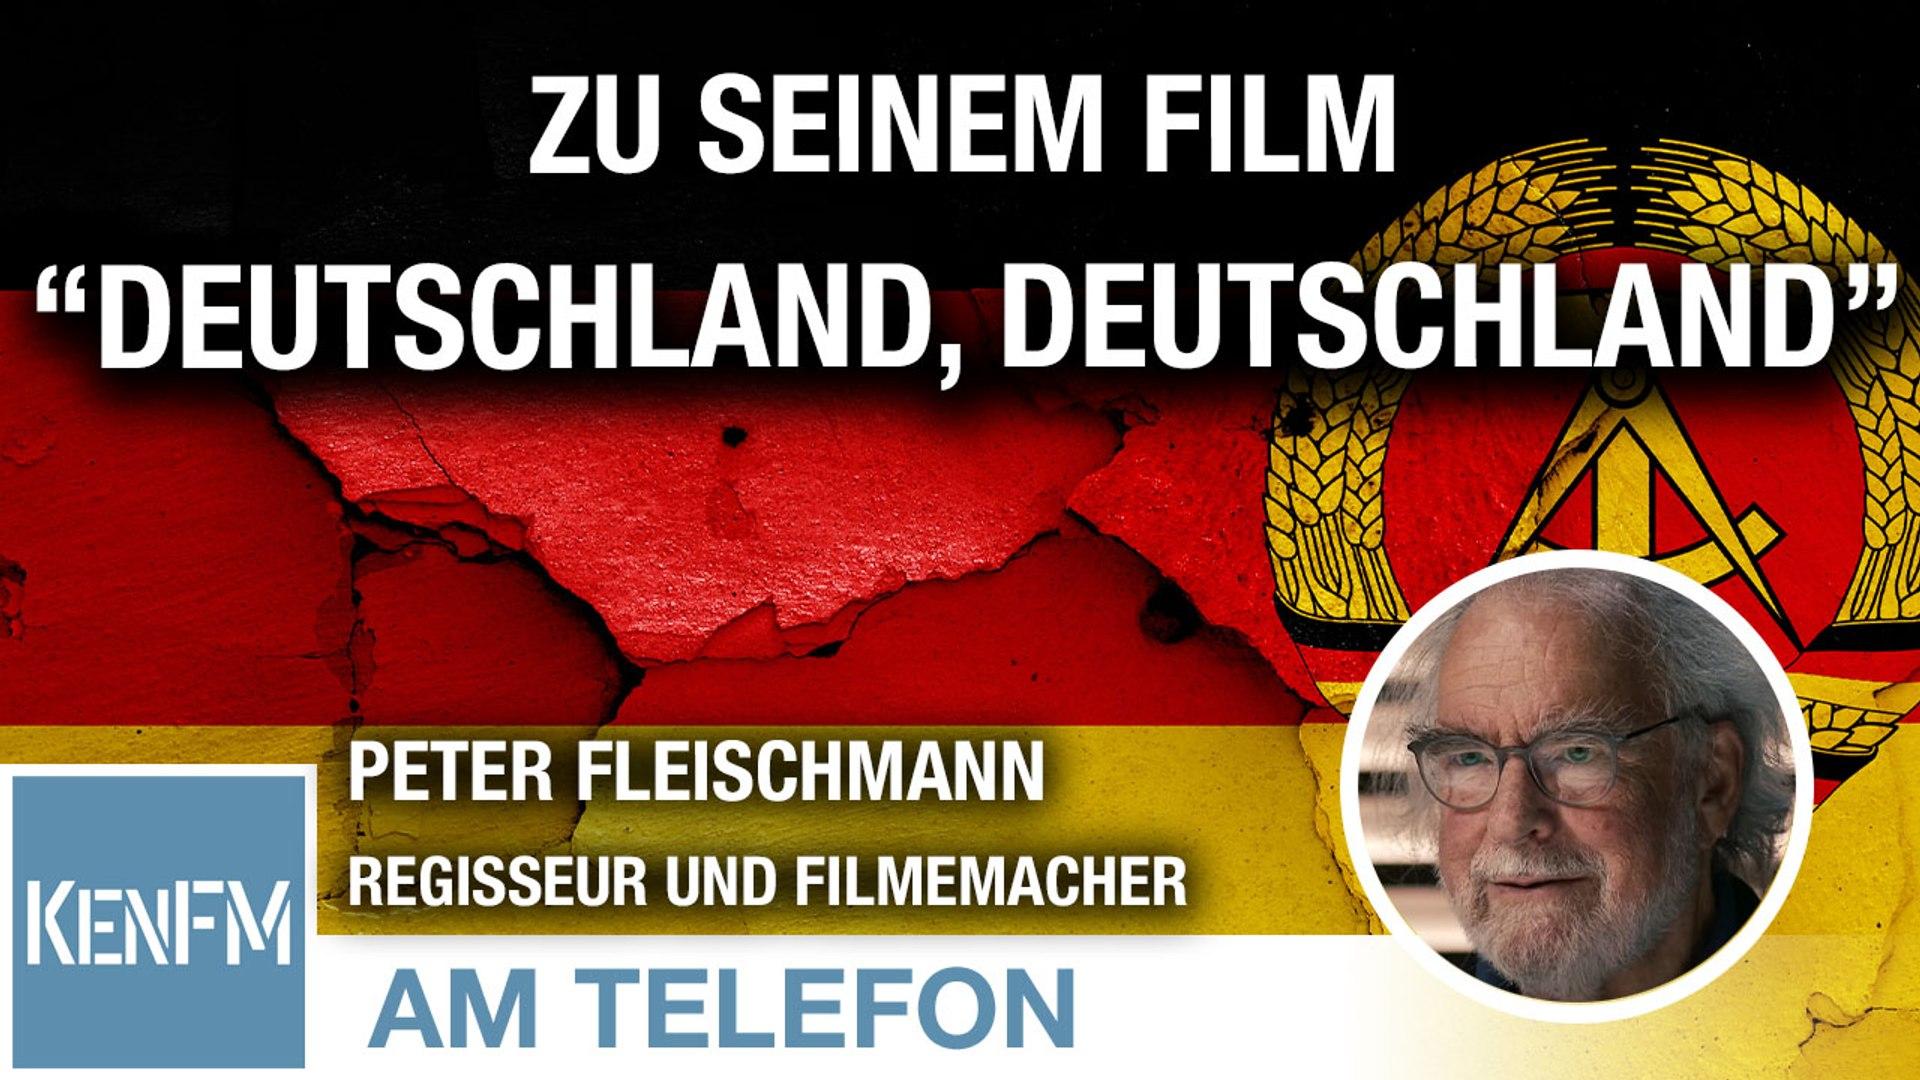 """Am Telefon zu seinem Film """"Deutschland, Deutschland"""": Peter Fleischmann"""